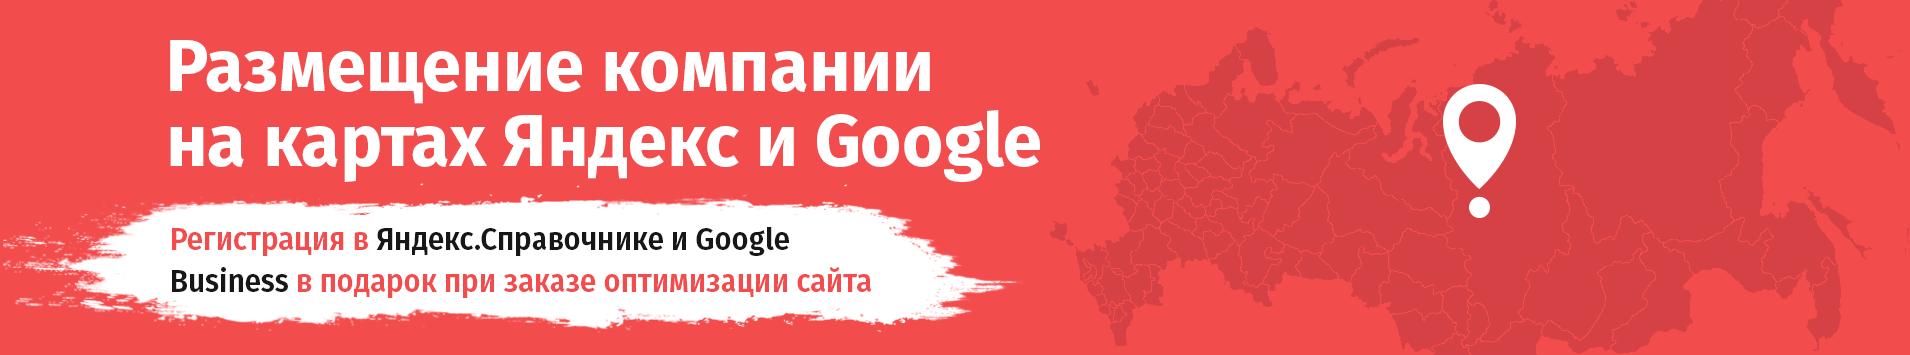 Размещение компании на картах Яндекс и Google